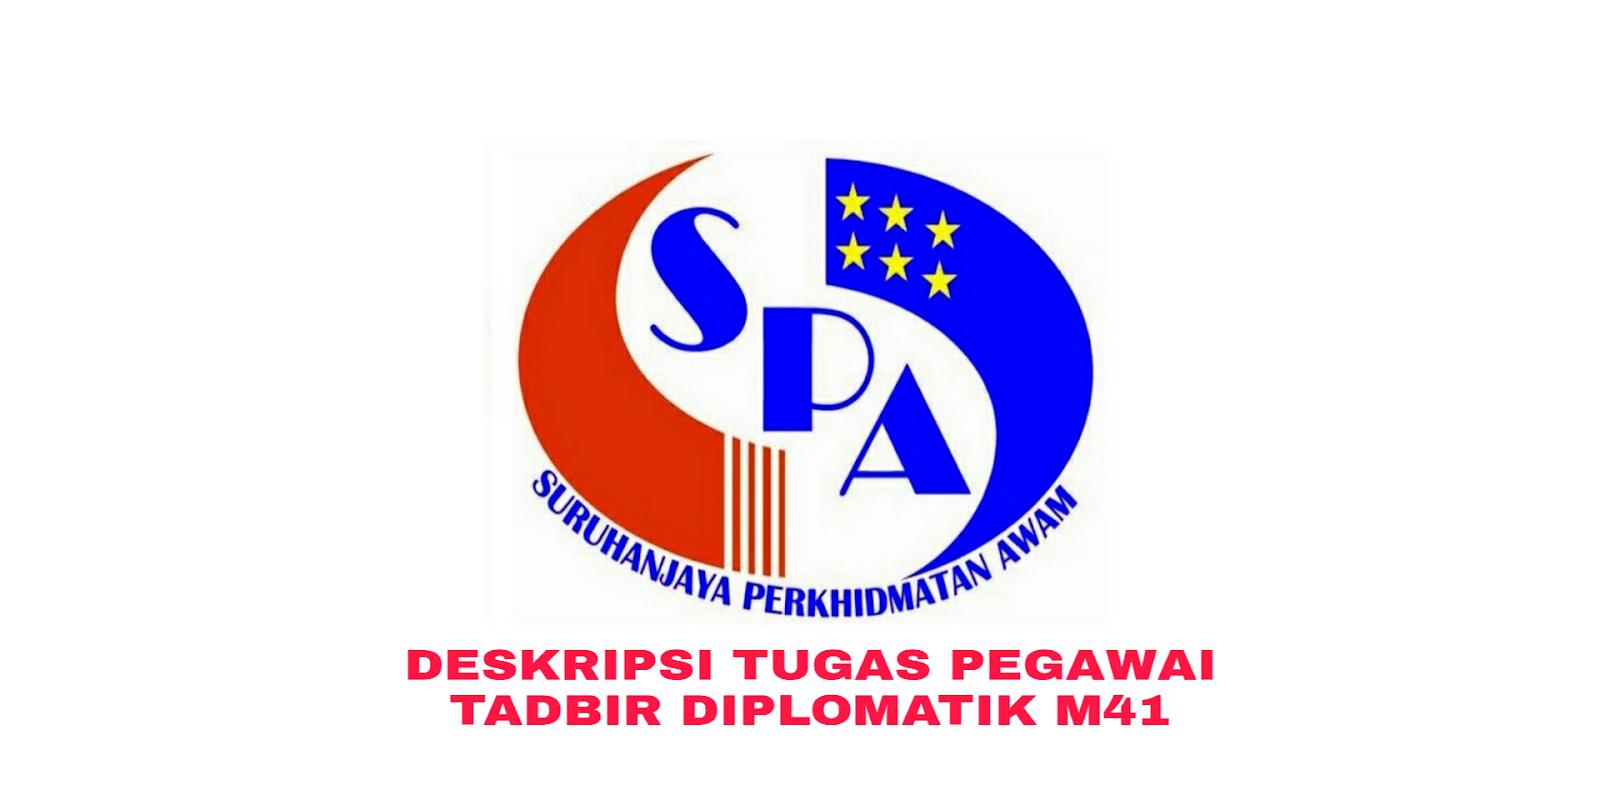 Deskripsi Tugas Gaji Dan Kelayakan Pegawai Tadbir Dan Diplomatik Gred M41 Sumber Kerjaya